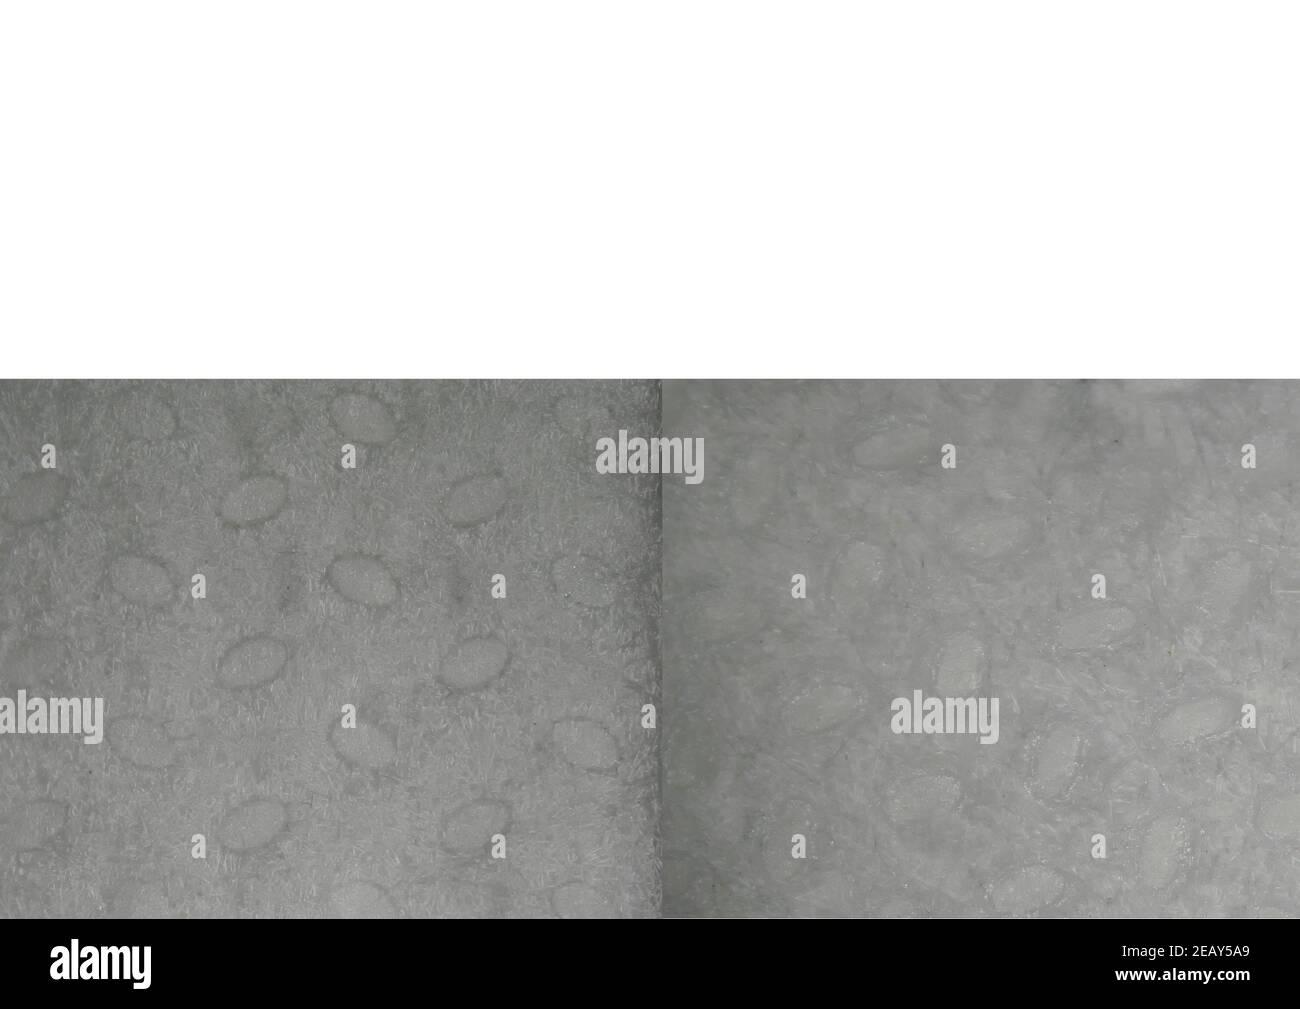 Masque médical, vue microscopique des tissus, masque gauche, masque droit FFP2 Banque D'Images